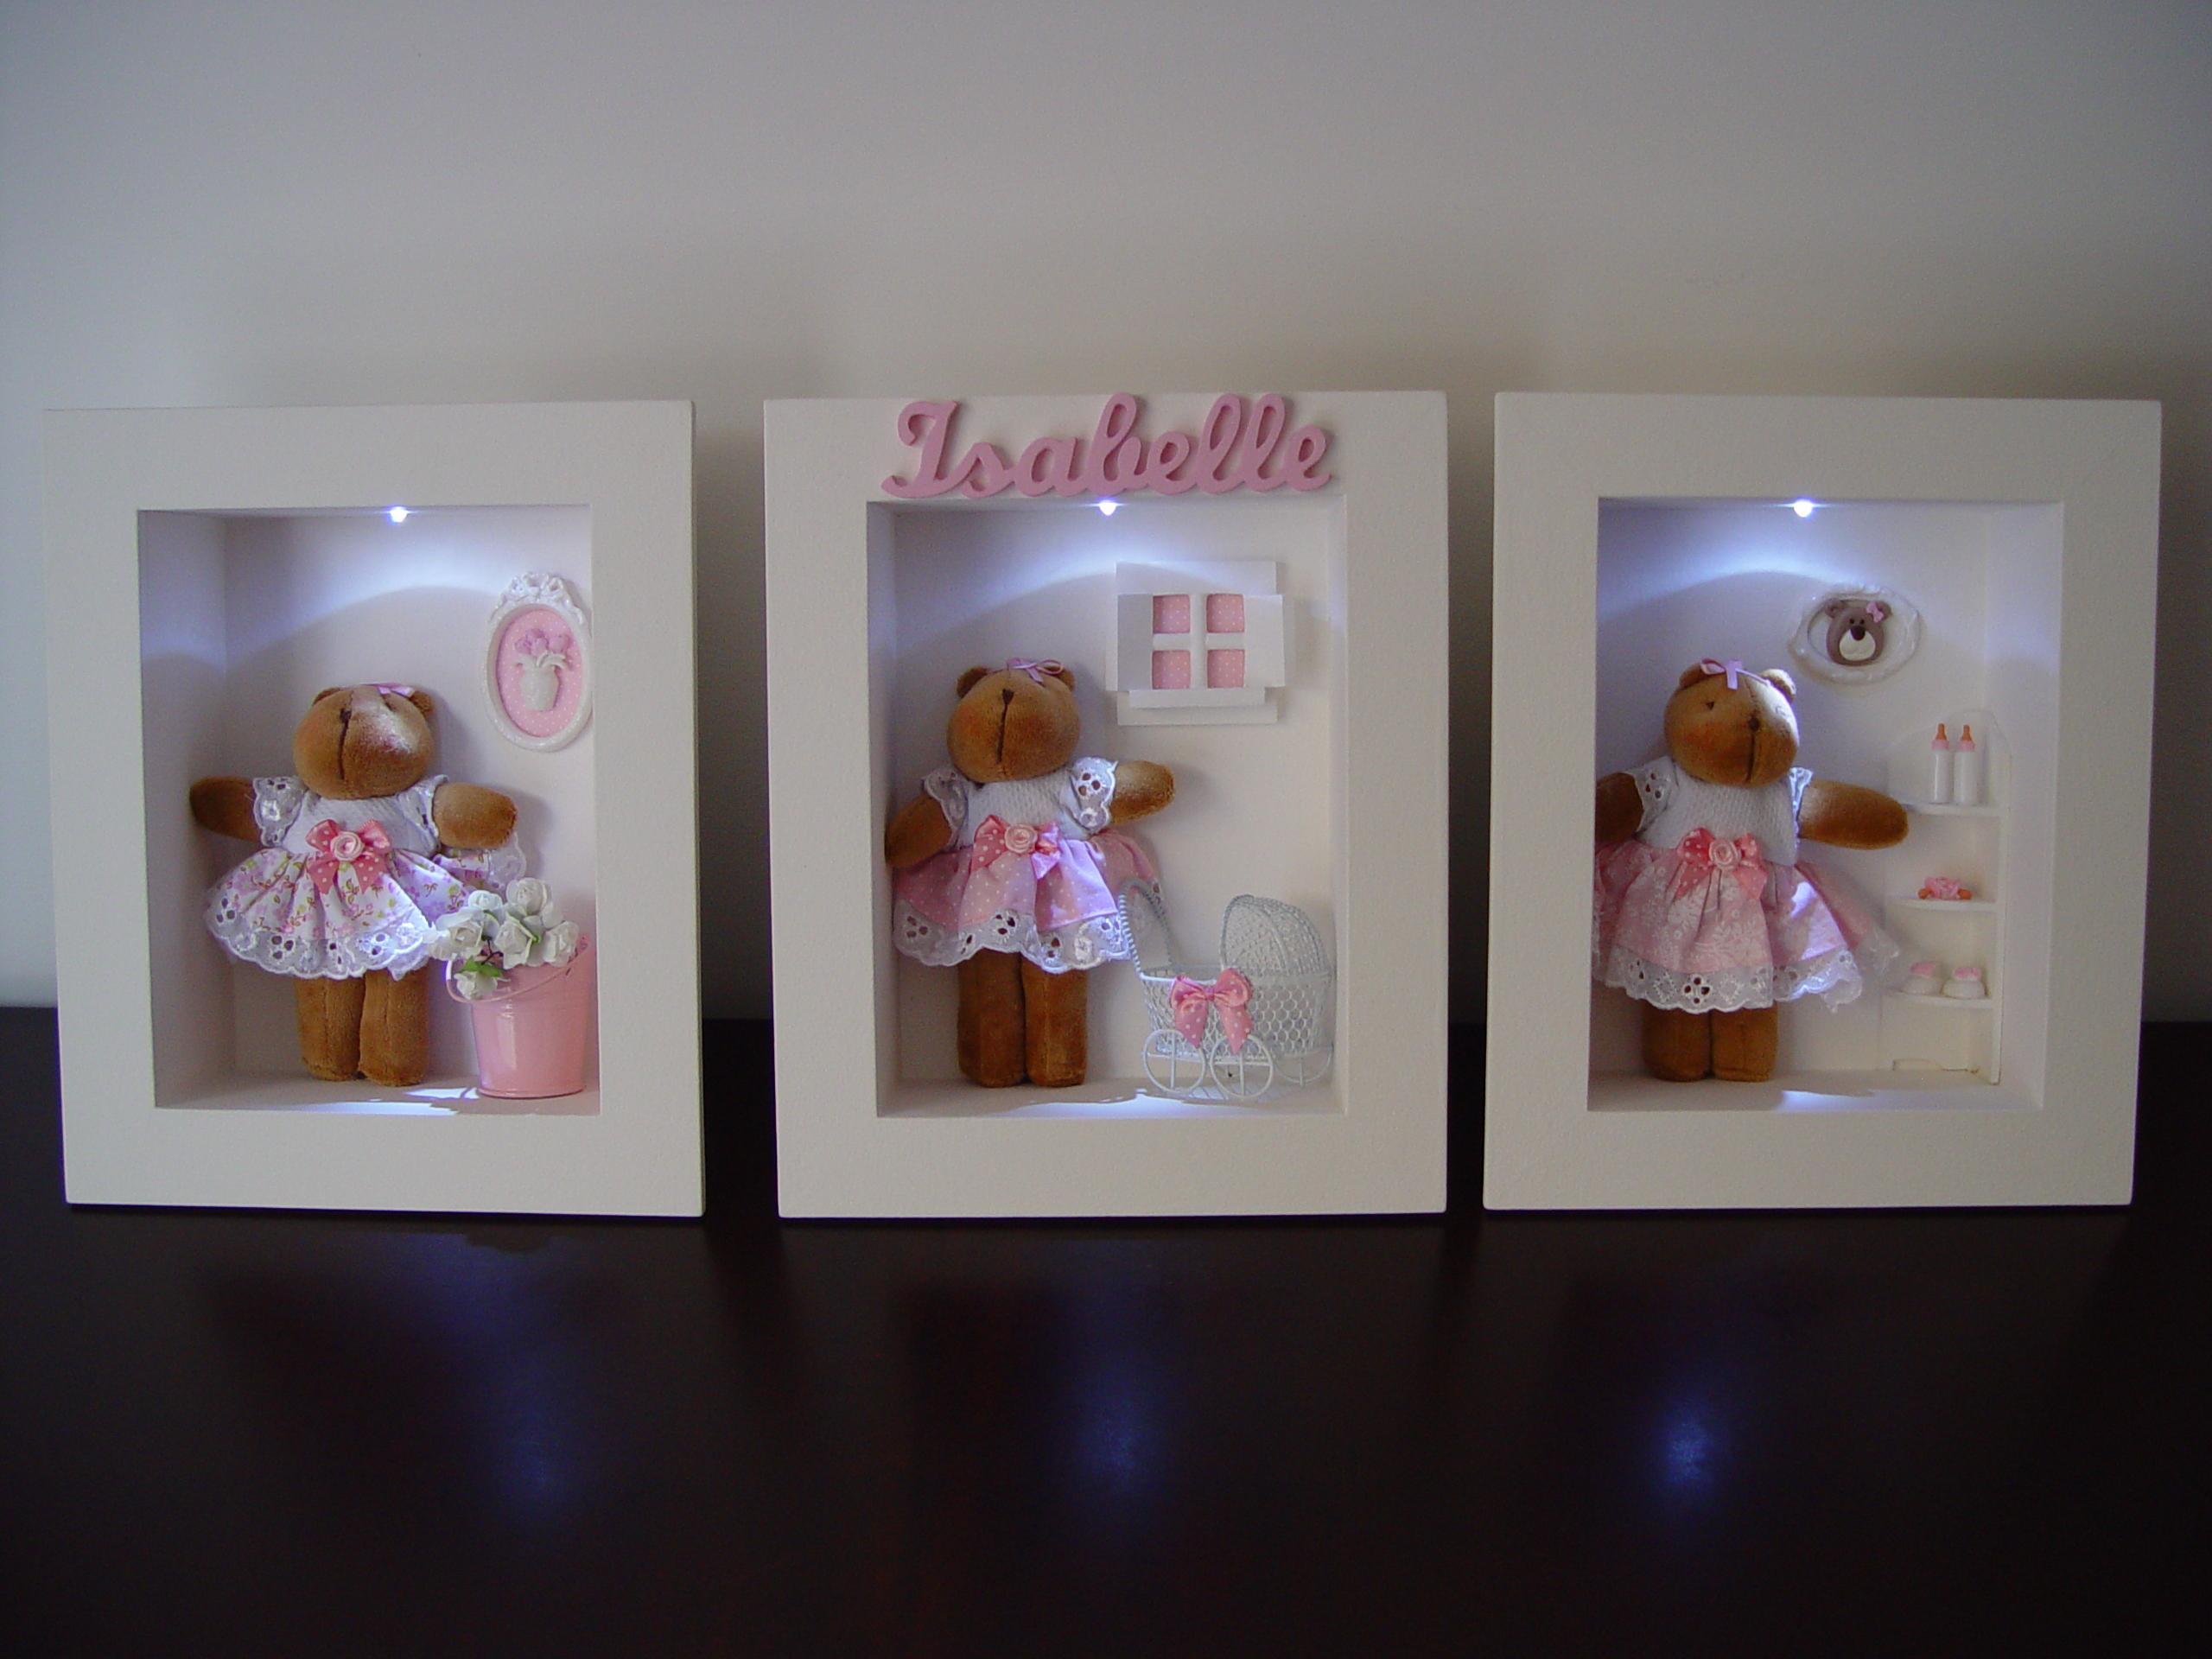 Quadro Para Quarto De Bebe Com Led ~   quadros decorativos ursa c led da 0000 quadros decorativos ursa c led